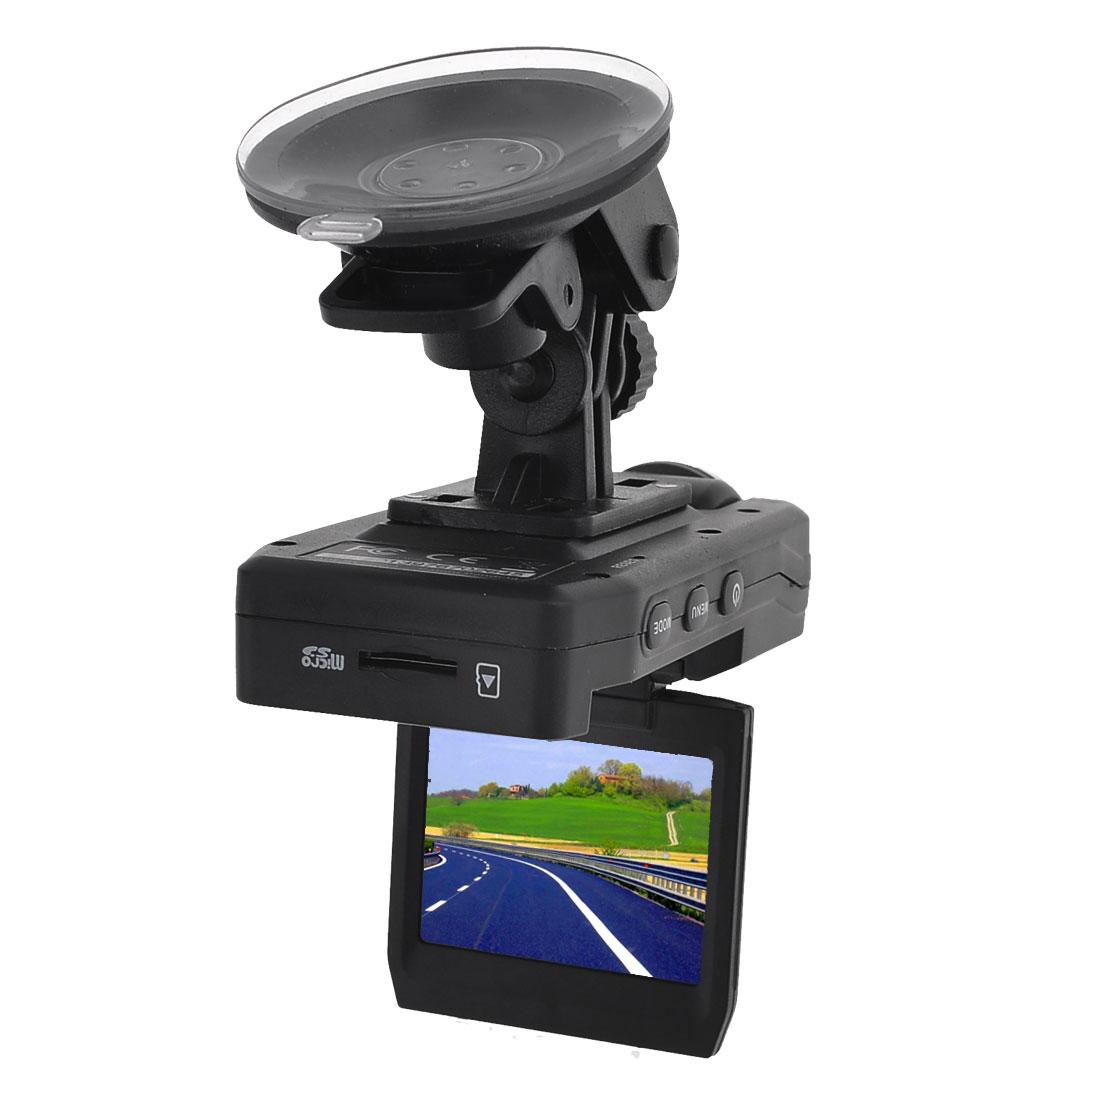 Black Plastic 2.0 LTPS LCD Screen Portable Auto Car Camera Road Video Recorder DVR